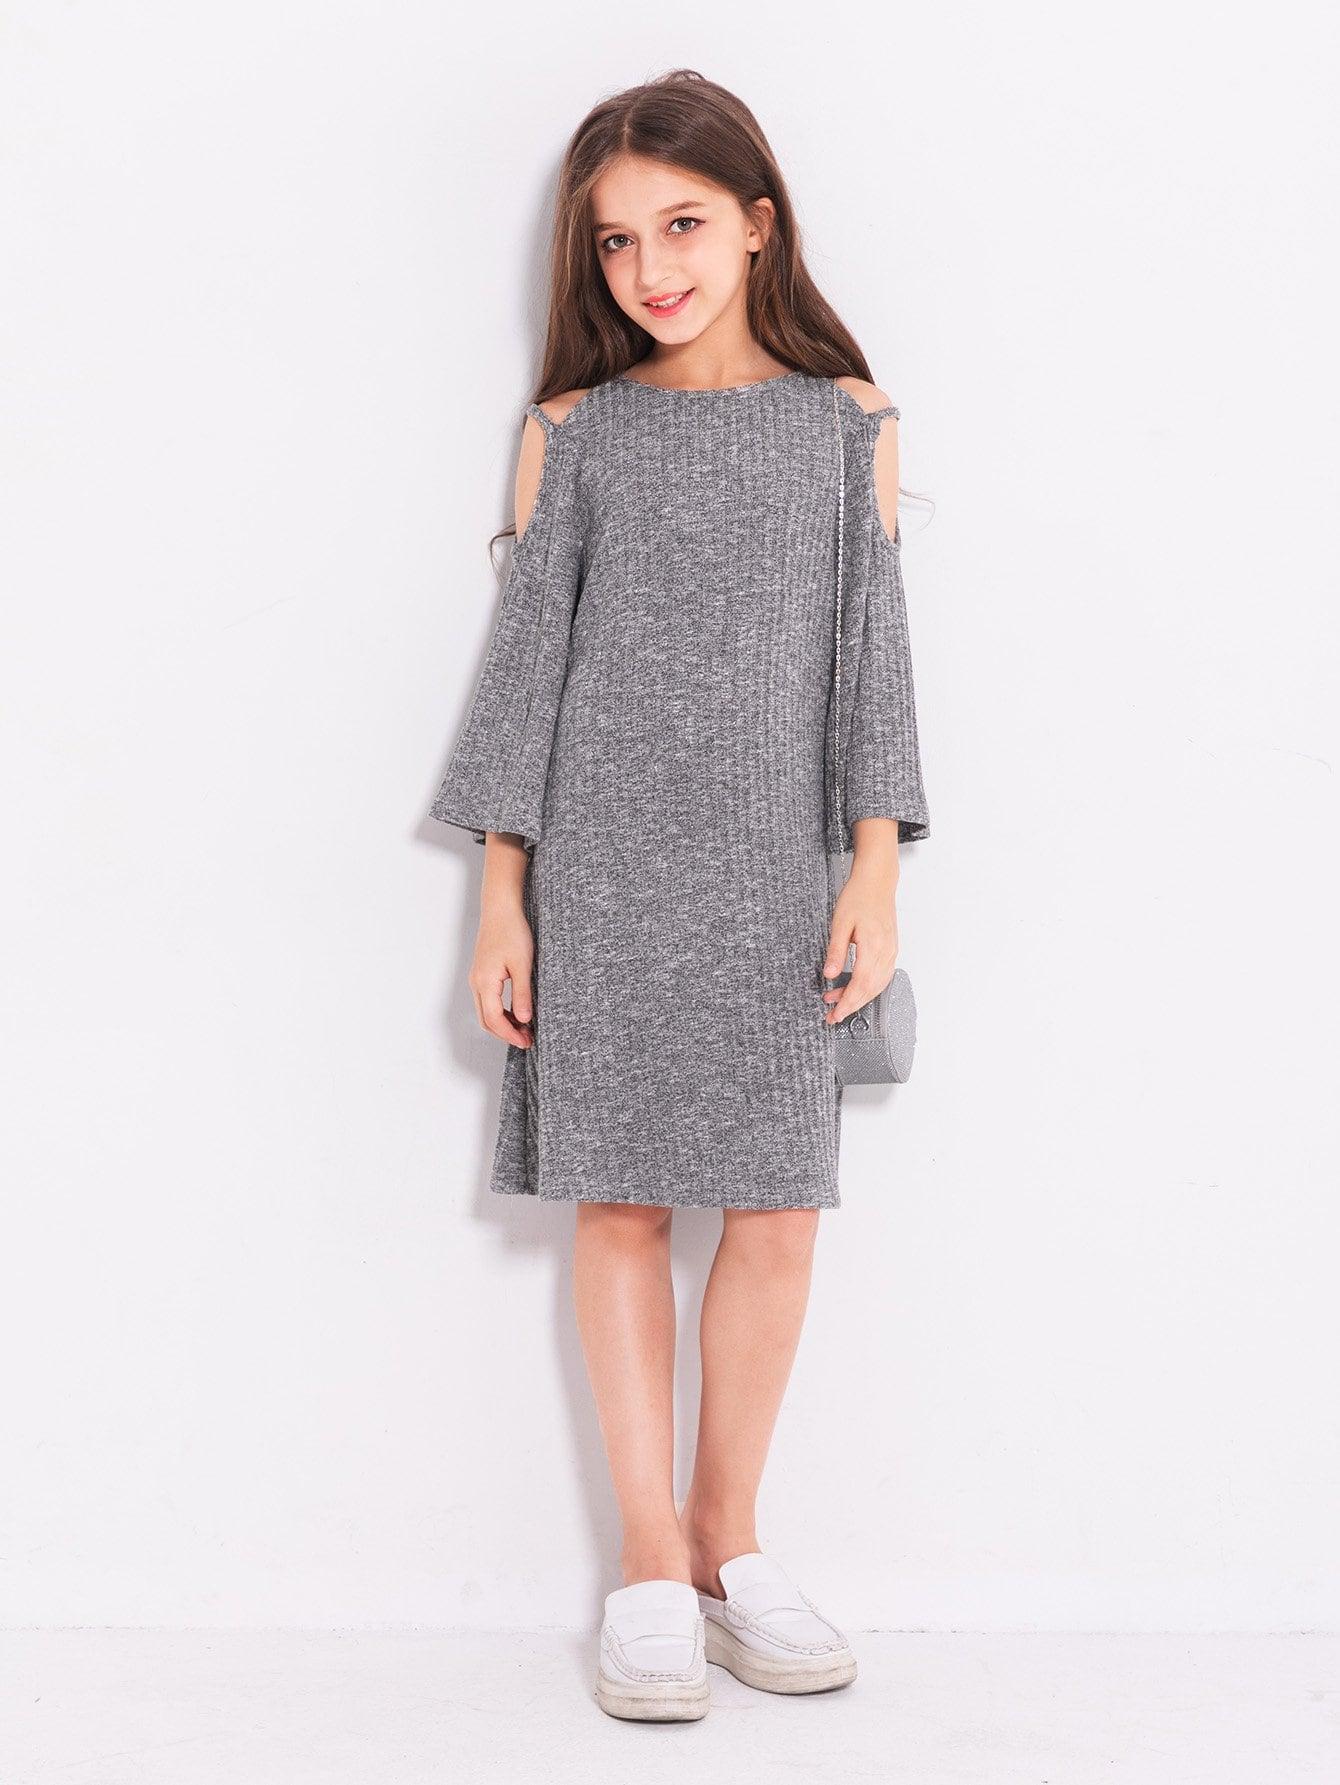 Купить Платье фуфайка с открытыми плечами для девочки, null, SheIn